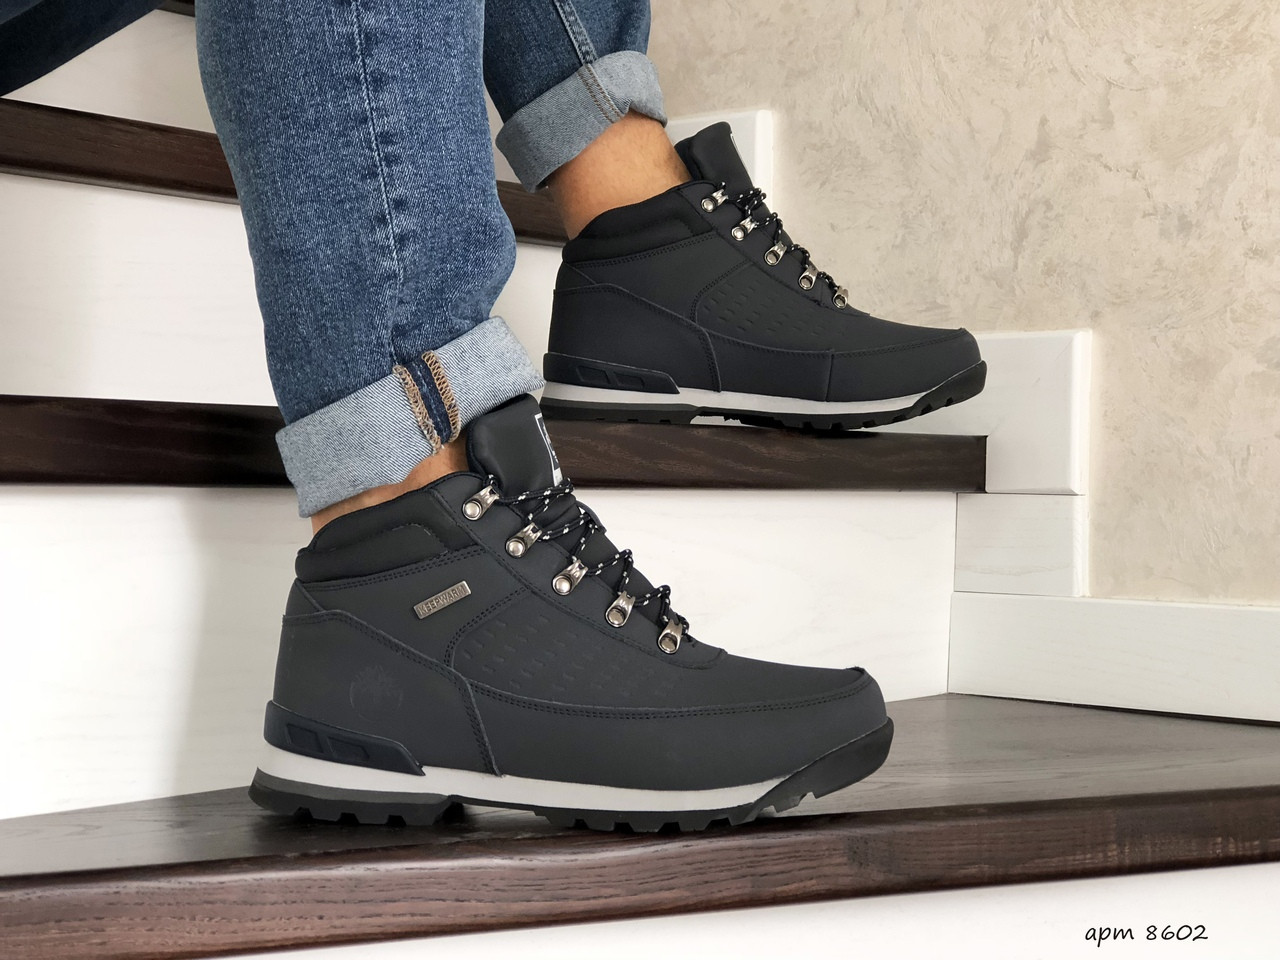 Мужские зимние ботинки Timberland,на меху,темно синие